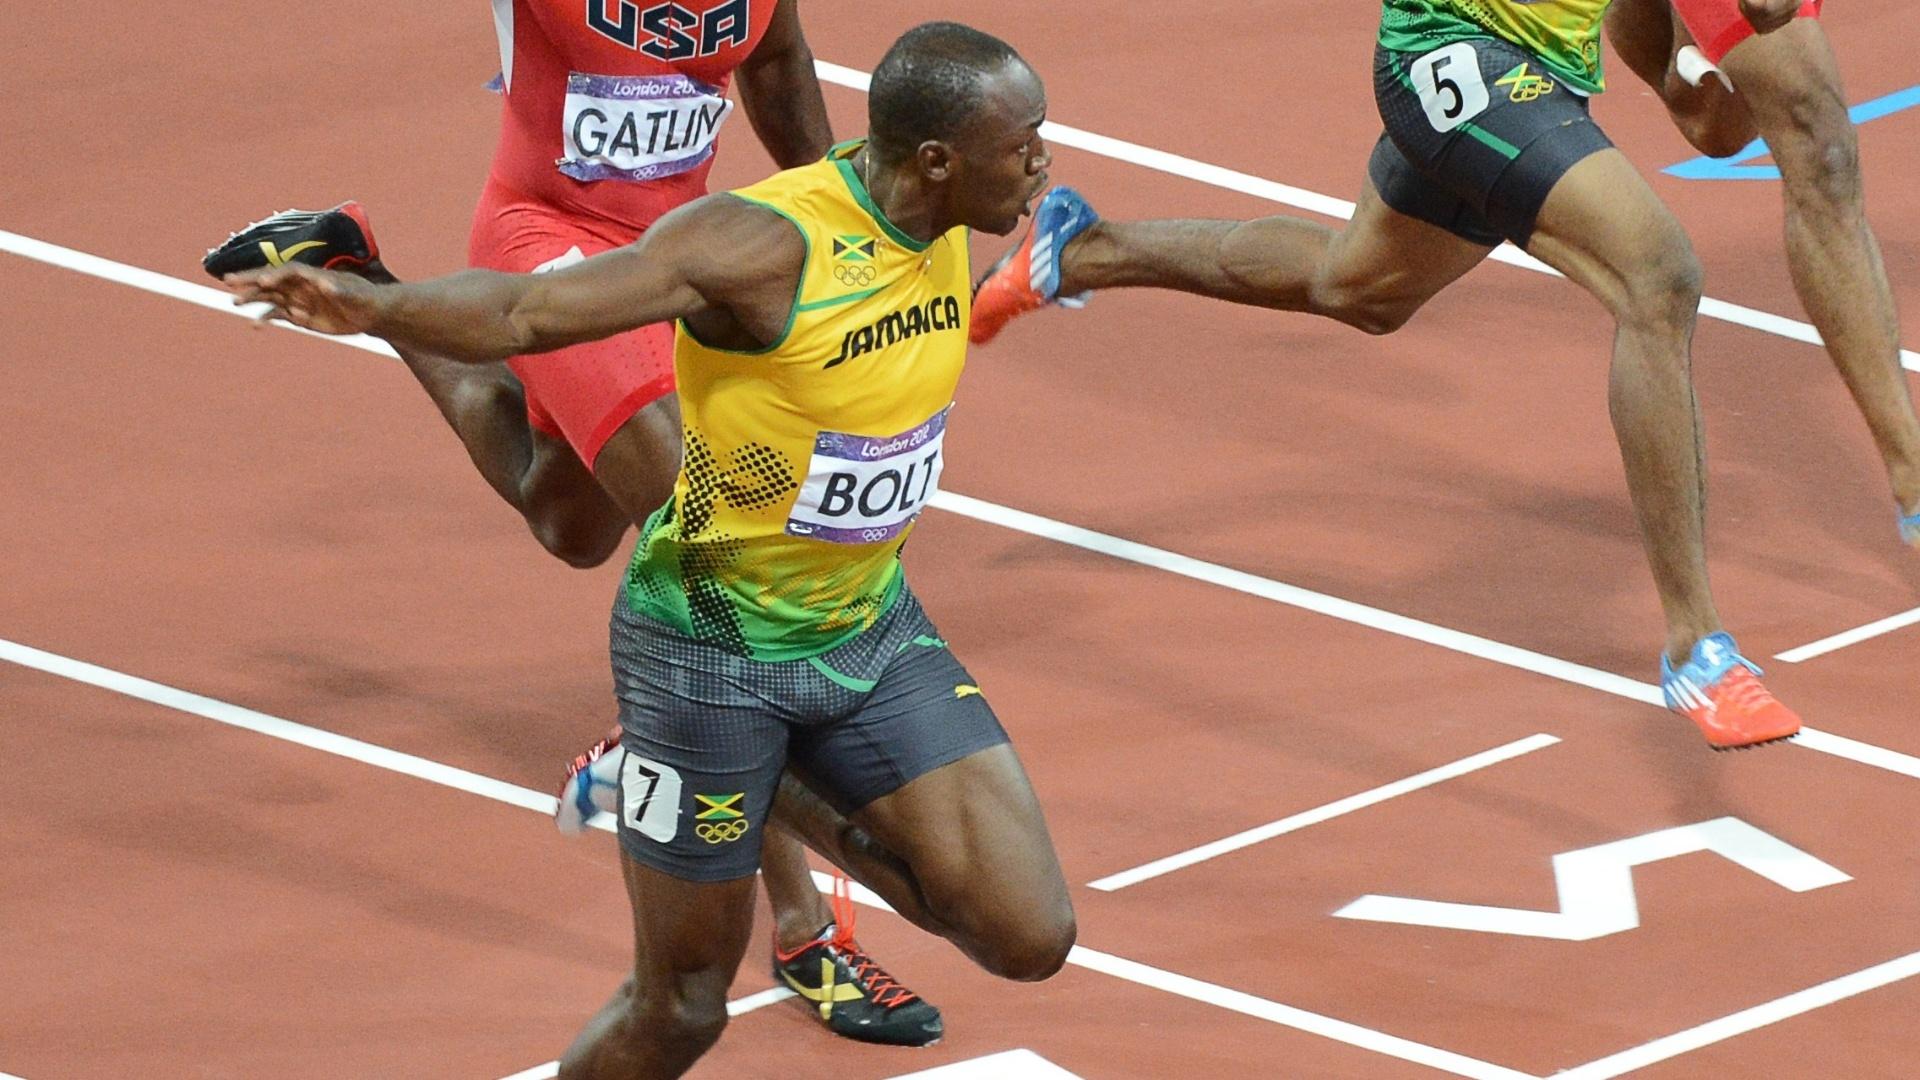 Usain Bolt cruza a linha de chegada na final dos 100 m rasos dos Jogos Olímpicos de Londres